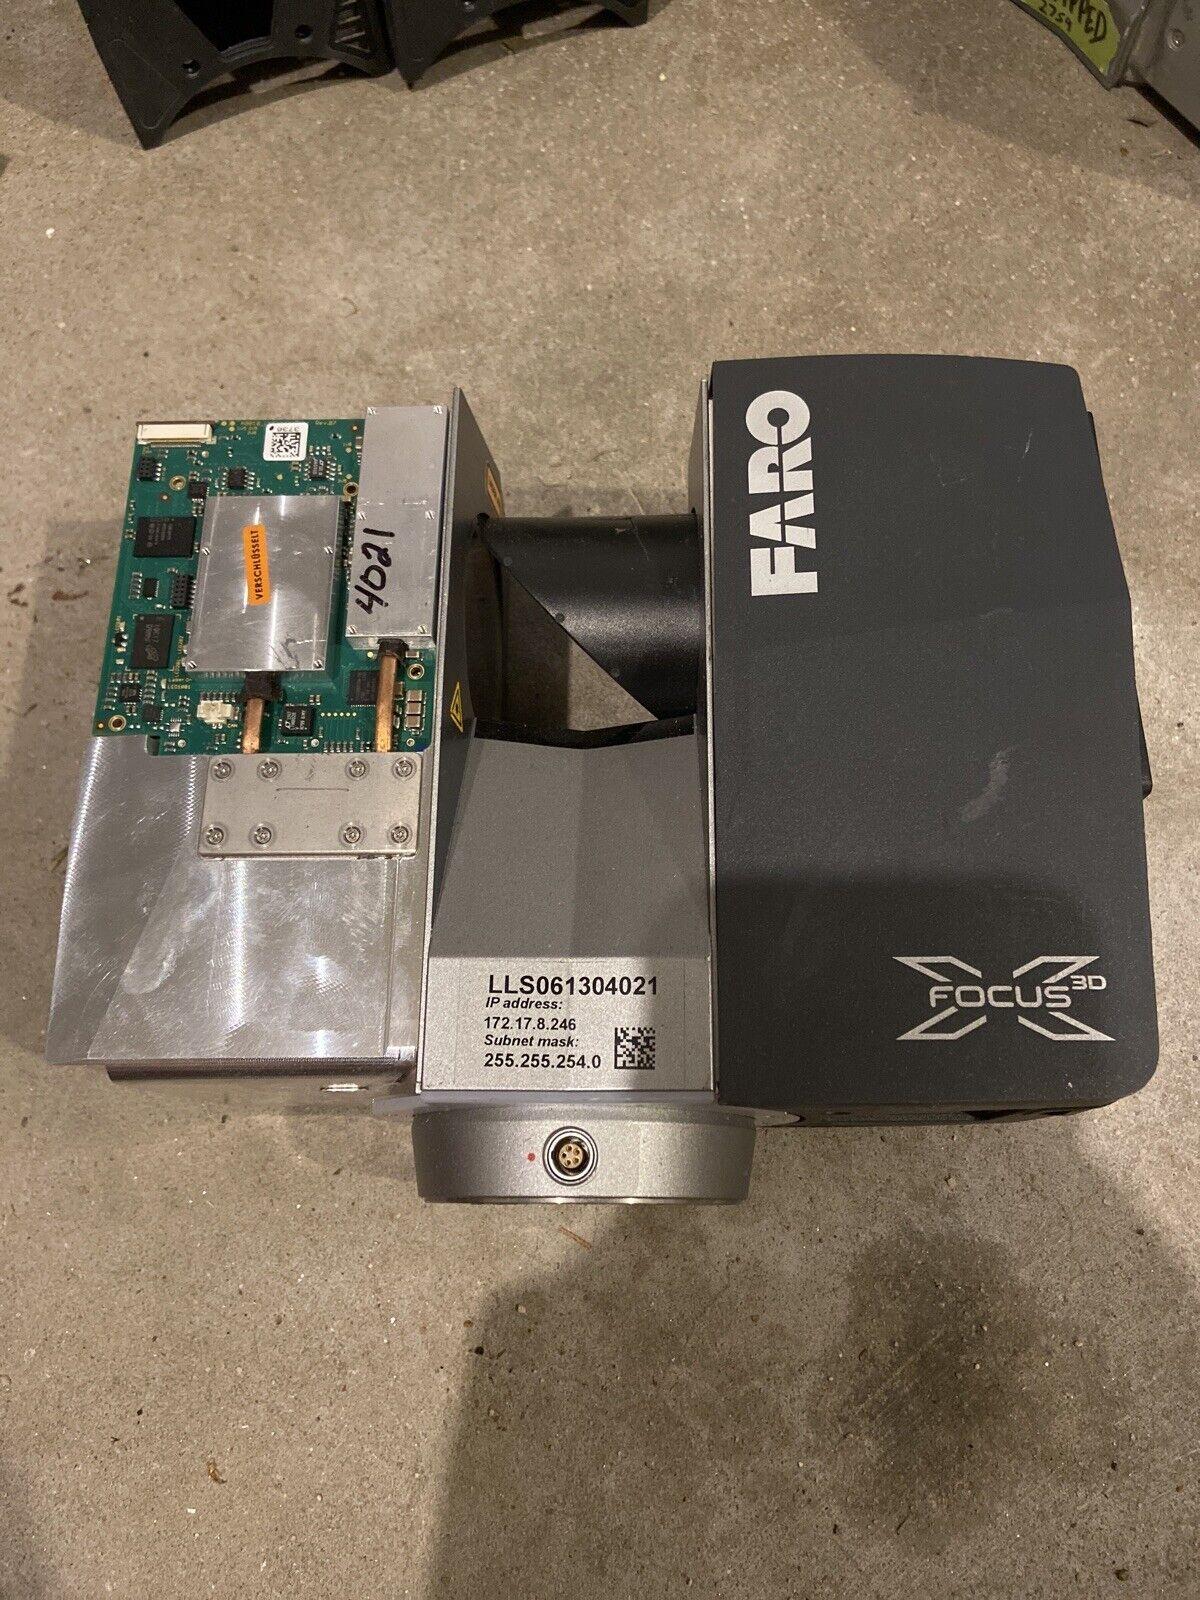 Faro X130 3d Laser Scanner FARO Robotic 2013 For Parts or Repair Trimble